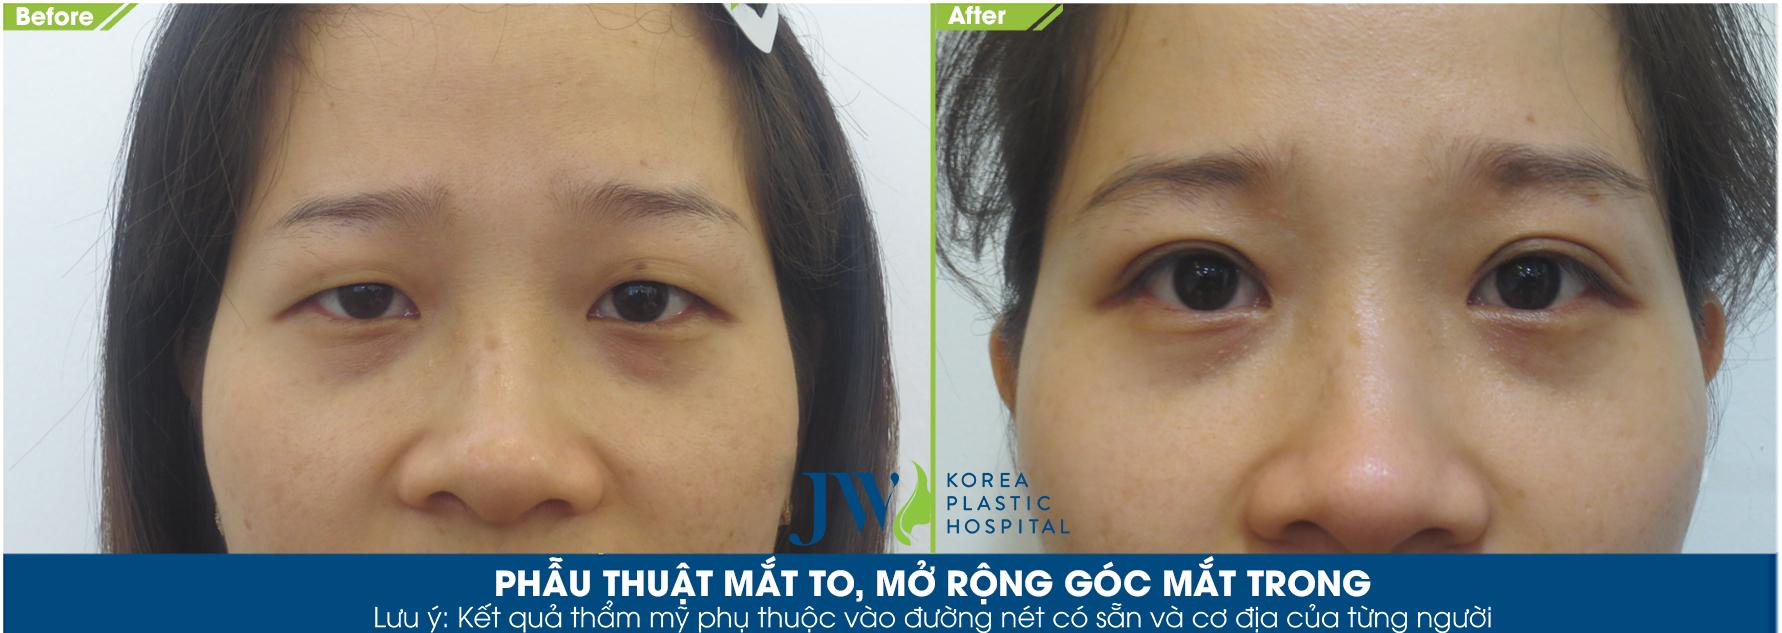 phẫu thuật mắt to, mở rộng góc mắt trong